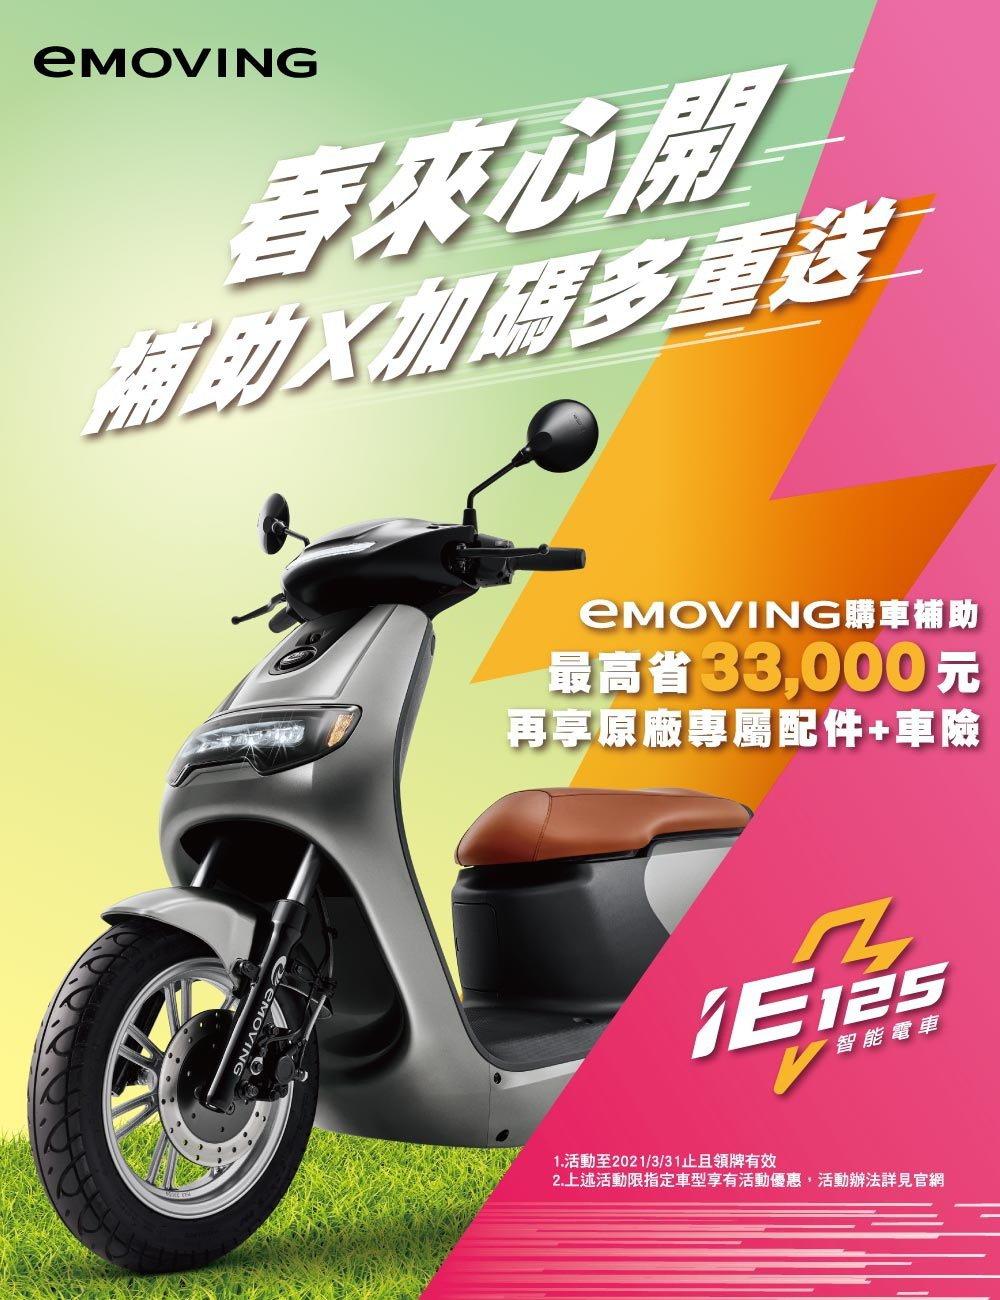 與政府共同推廣綠色運具 購買eMOVING補助再加碼 汰舊換新最高補助33000...